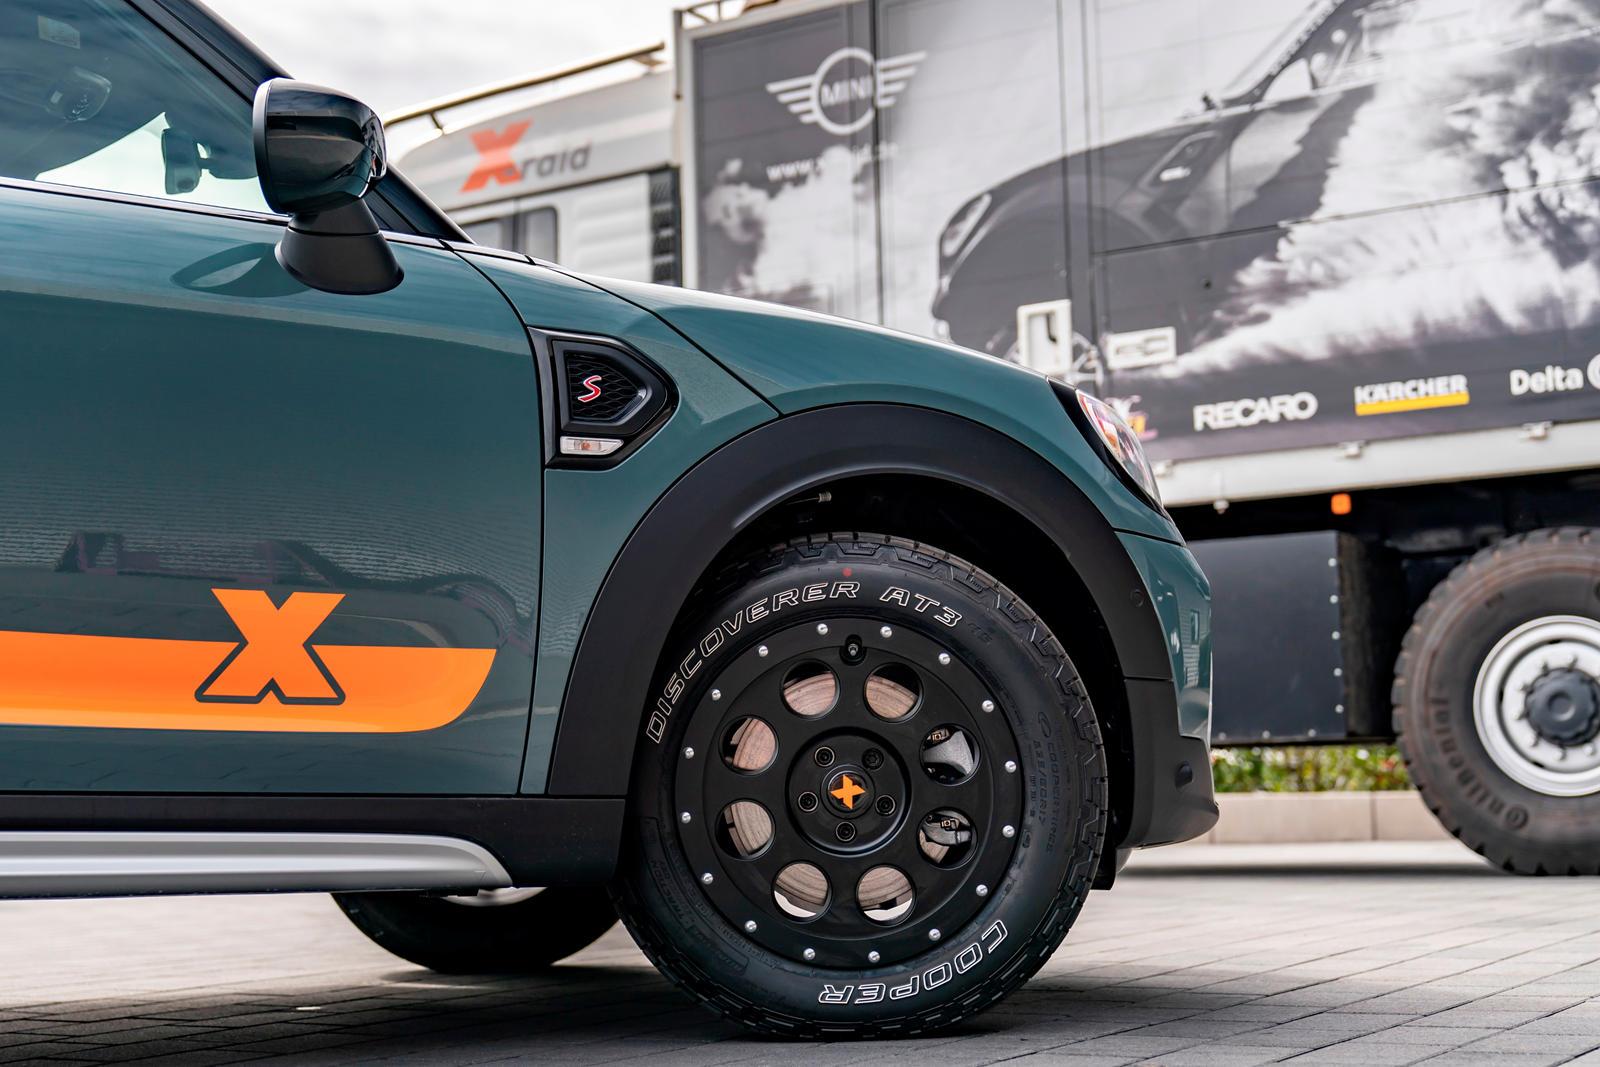 Представляем 2021 Mini Countryman на базе X-raid, новую специальную модель с серьезными обновлениями. Mini тесно сотрудничал с X-raid, чтобы применить свой опыт победы в Дакаре, в серийном автомобиле, который клиенты могут фактически приобрести в дил